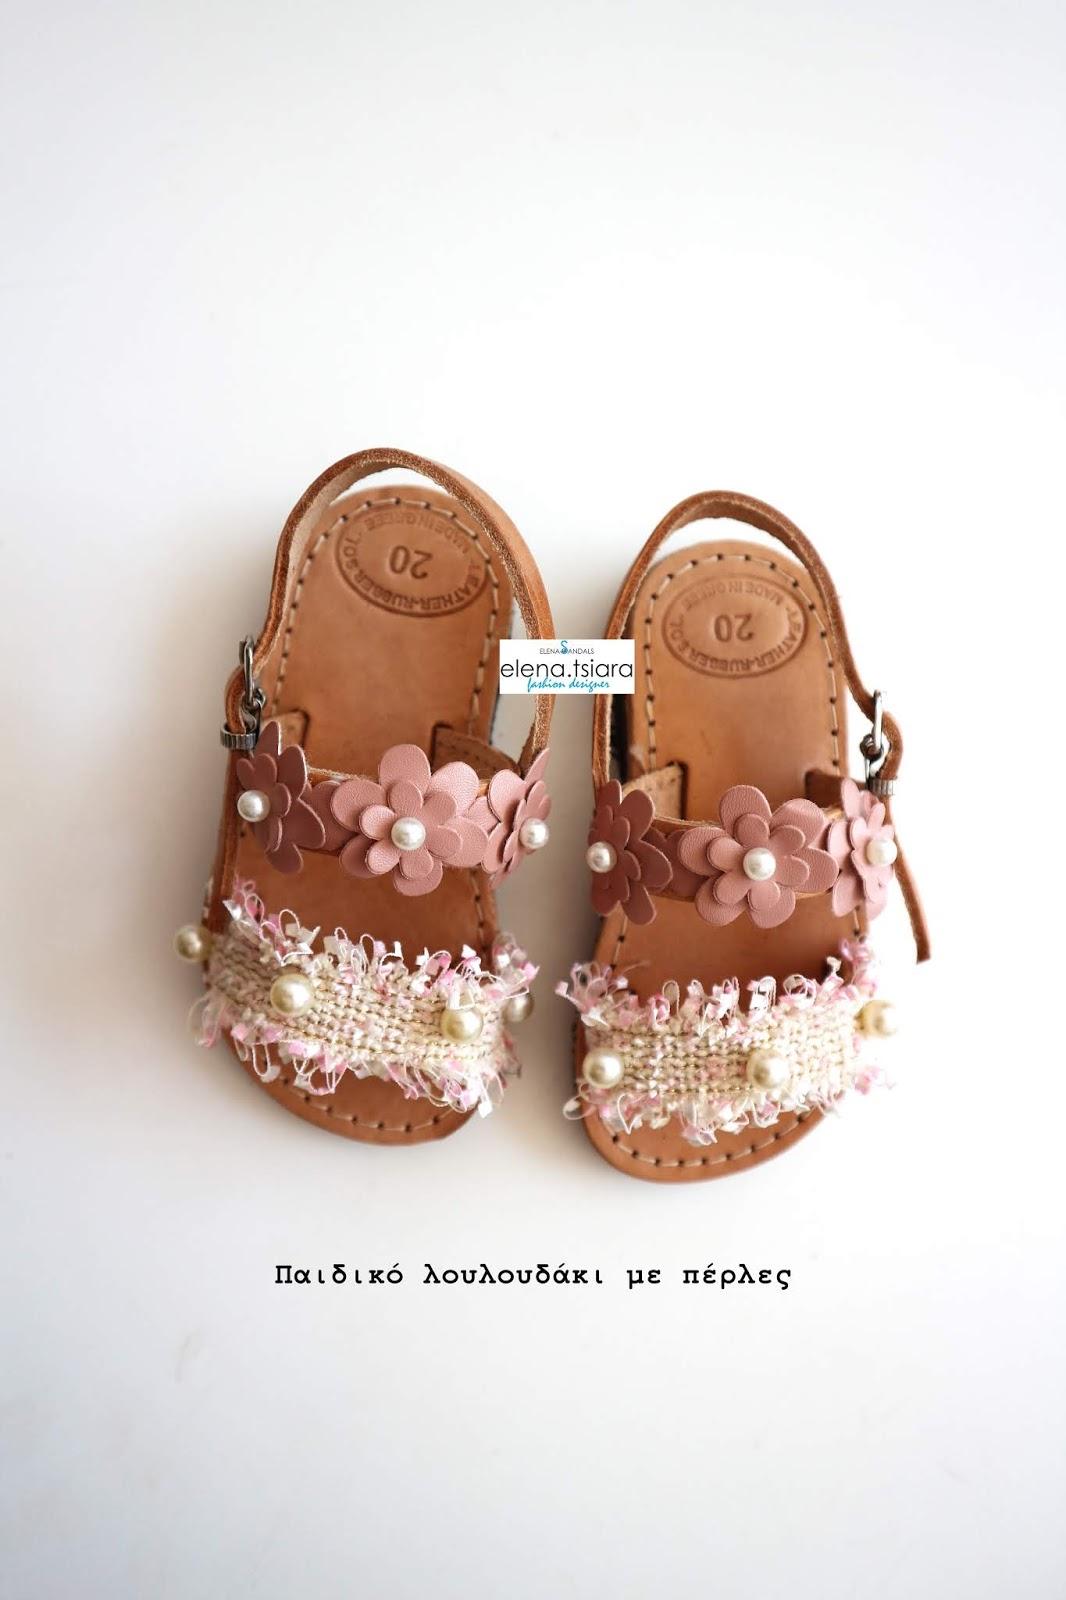 91654340317 elenas sandals: Παιδικά σανδάλια